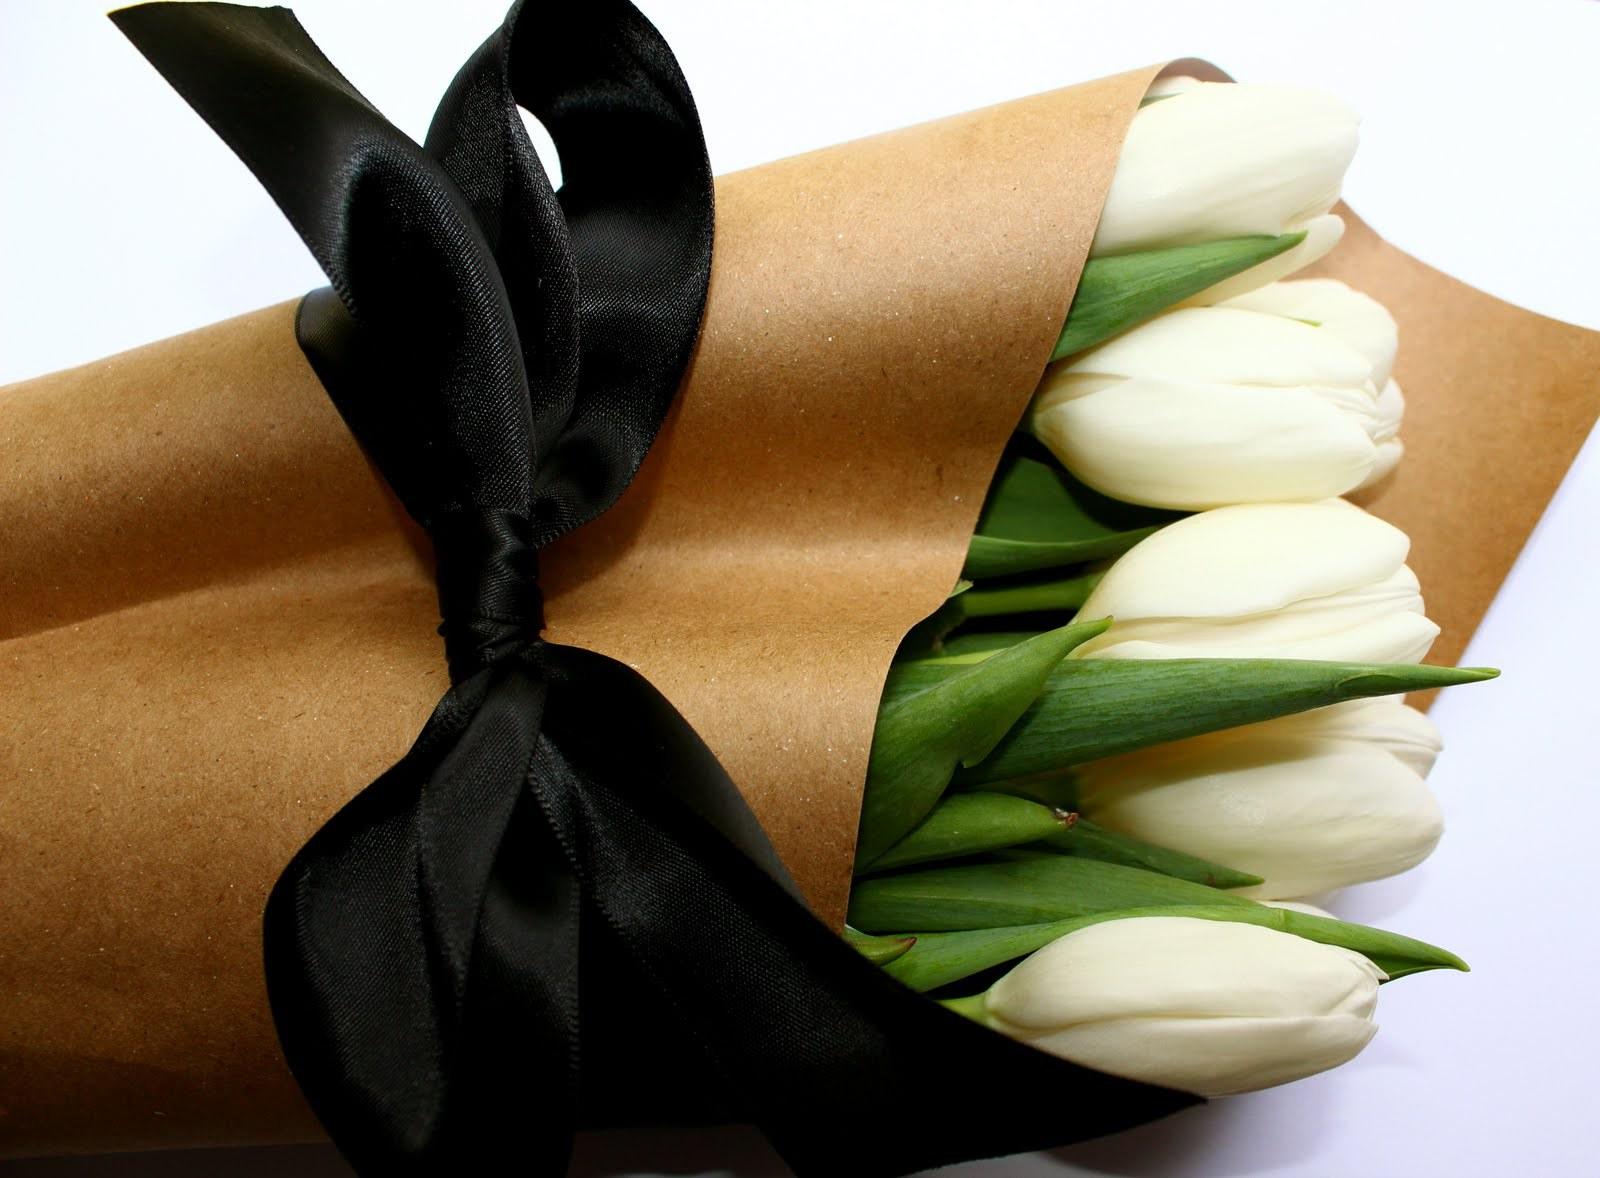 Kraft paper, floral wrap, newsprint, tissue, bleached kraft